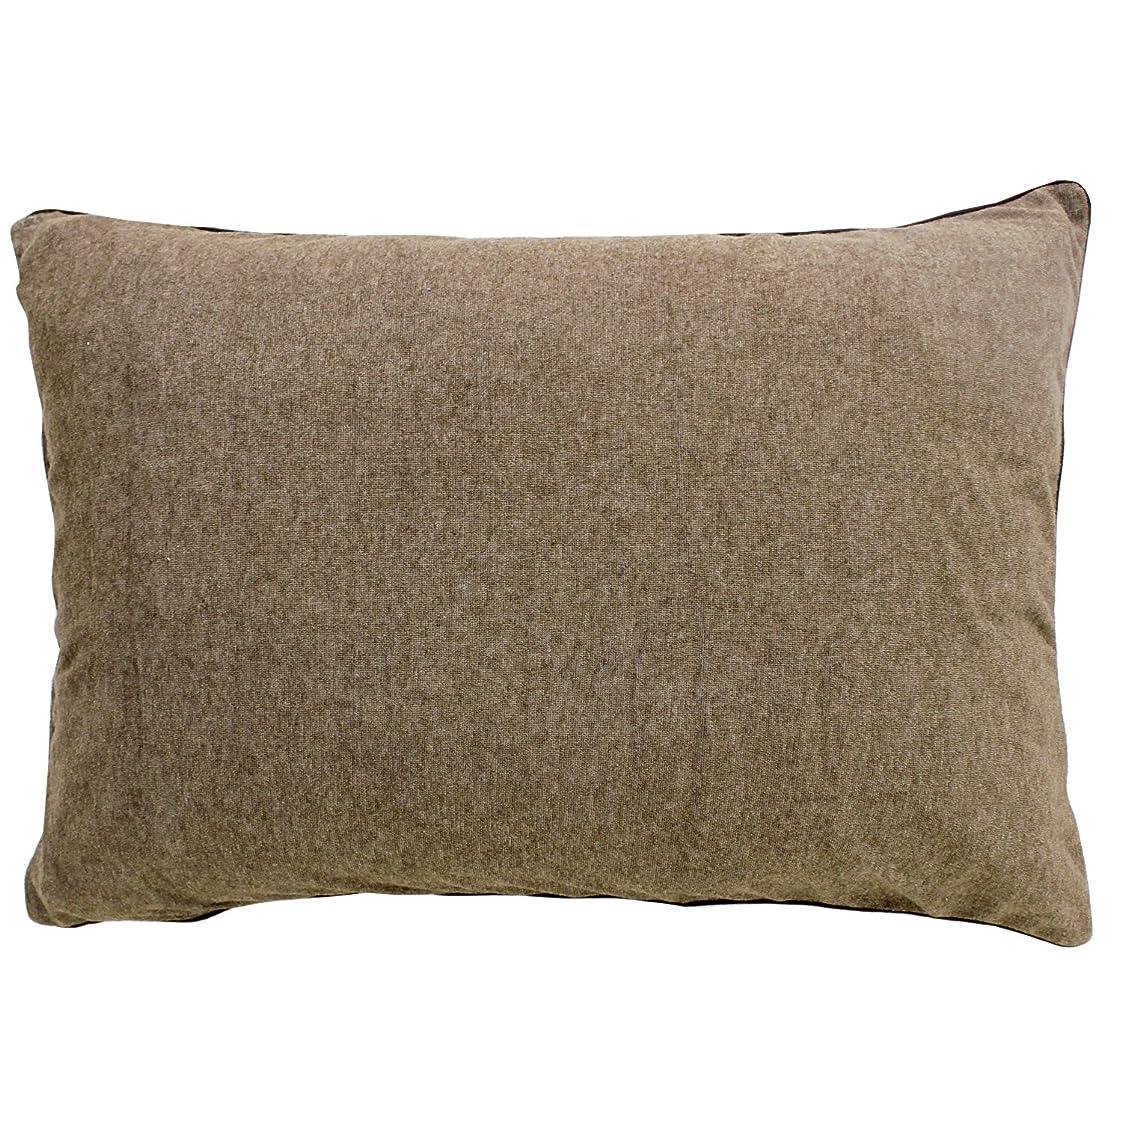 パニック標準ブルーベルメリーナイト(Merry Night) 抗菌防臭加工 パイル素材 枕カバー 35×50㎝ ブラウン NE3516-93